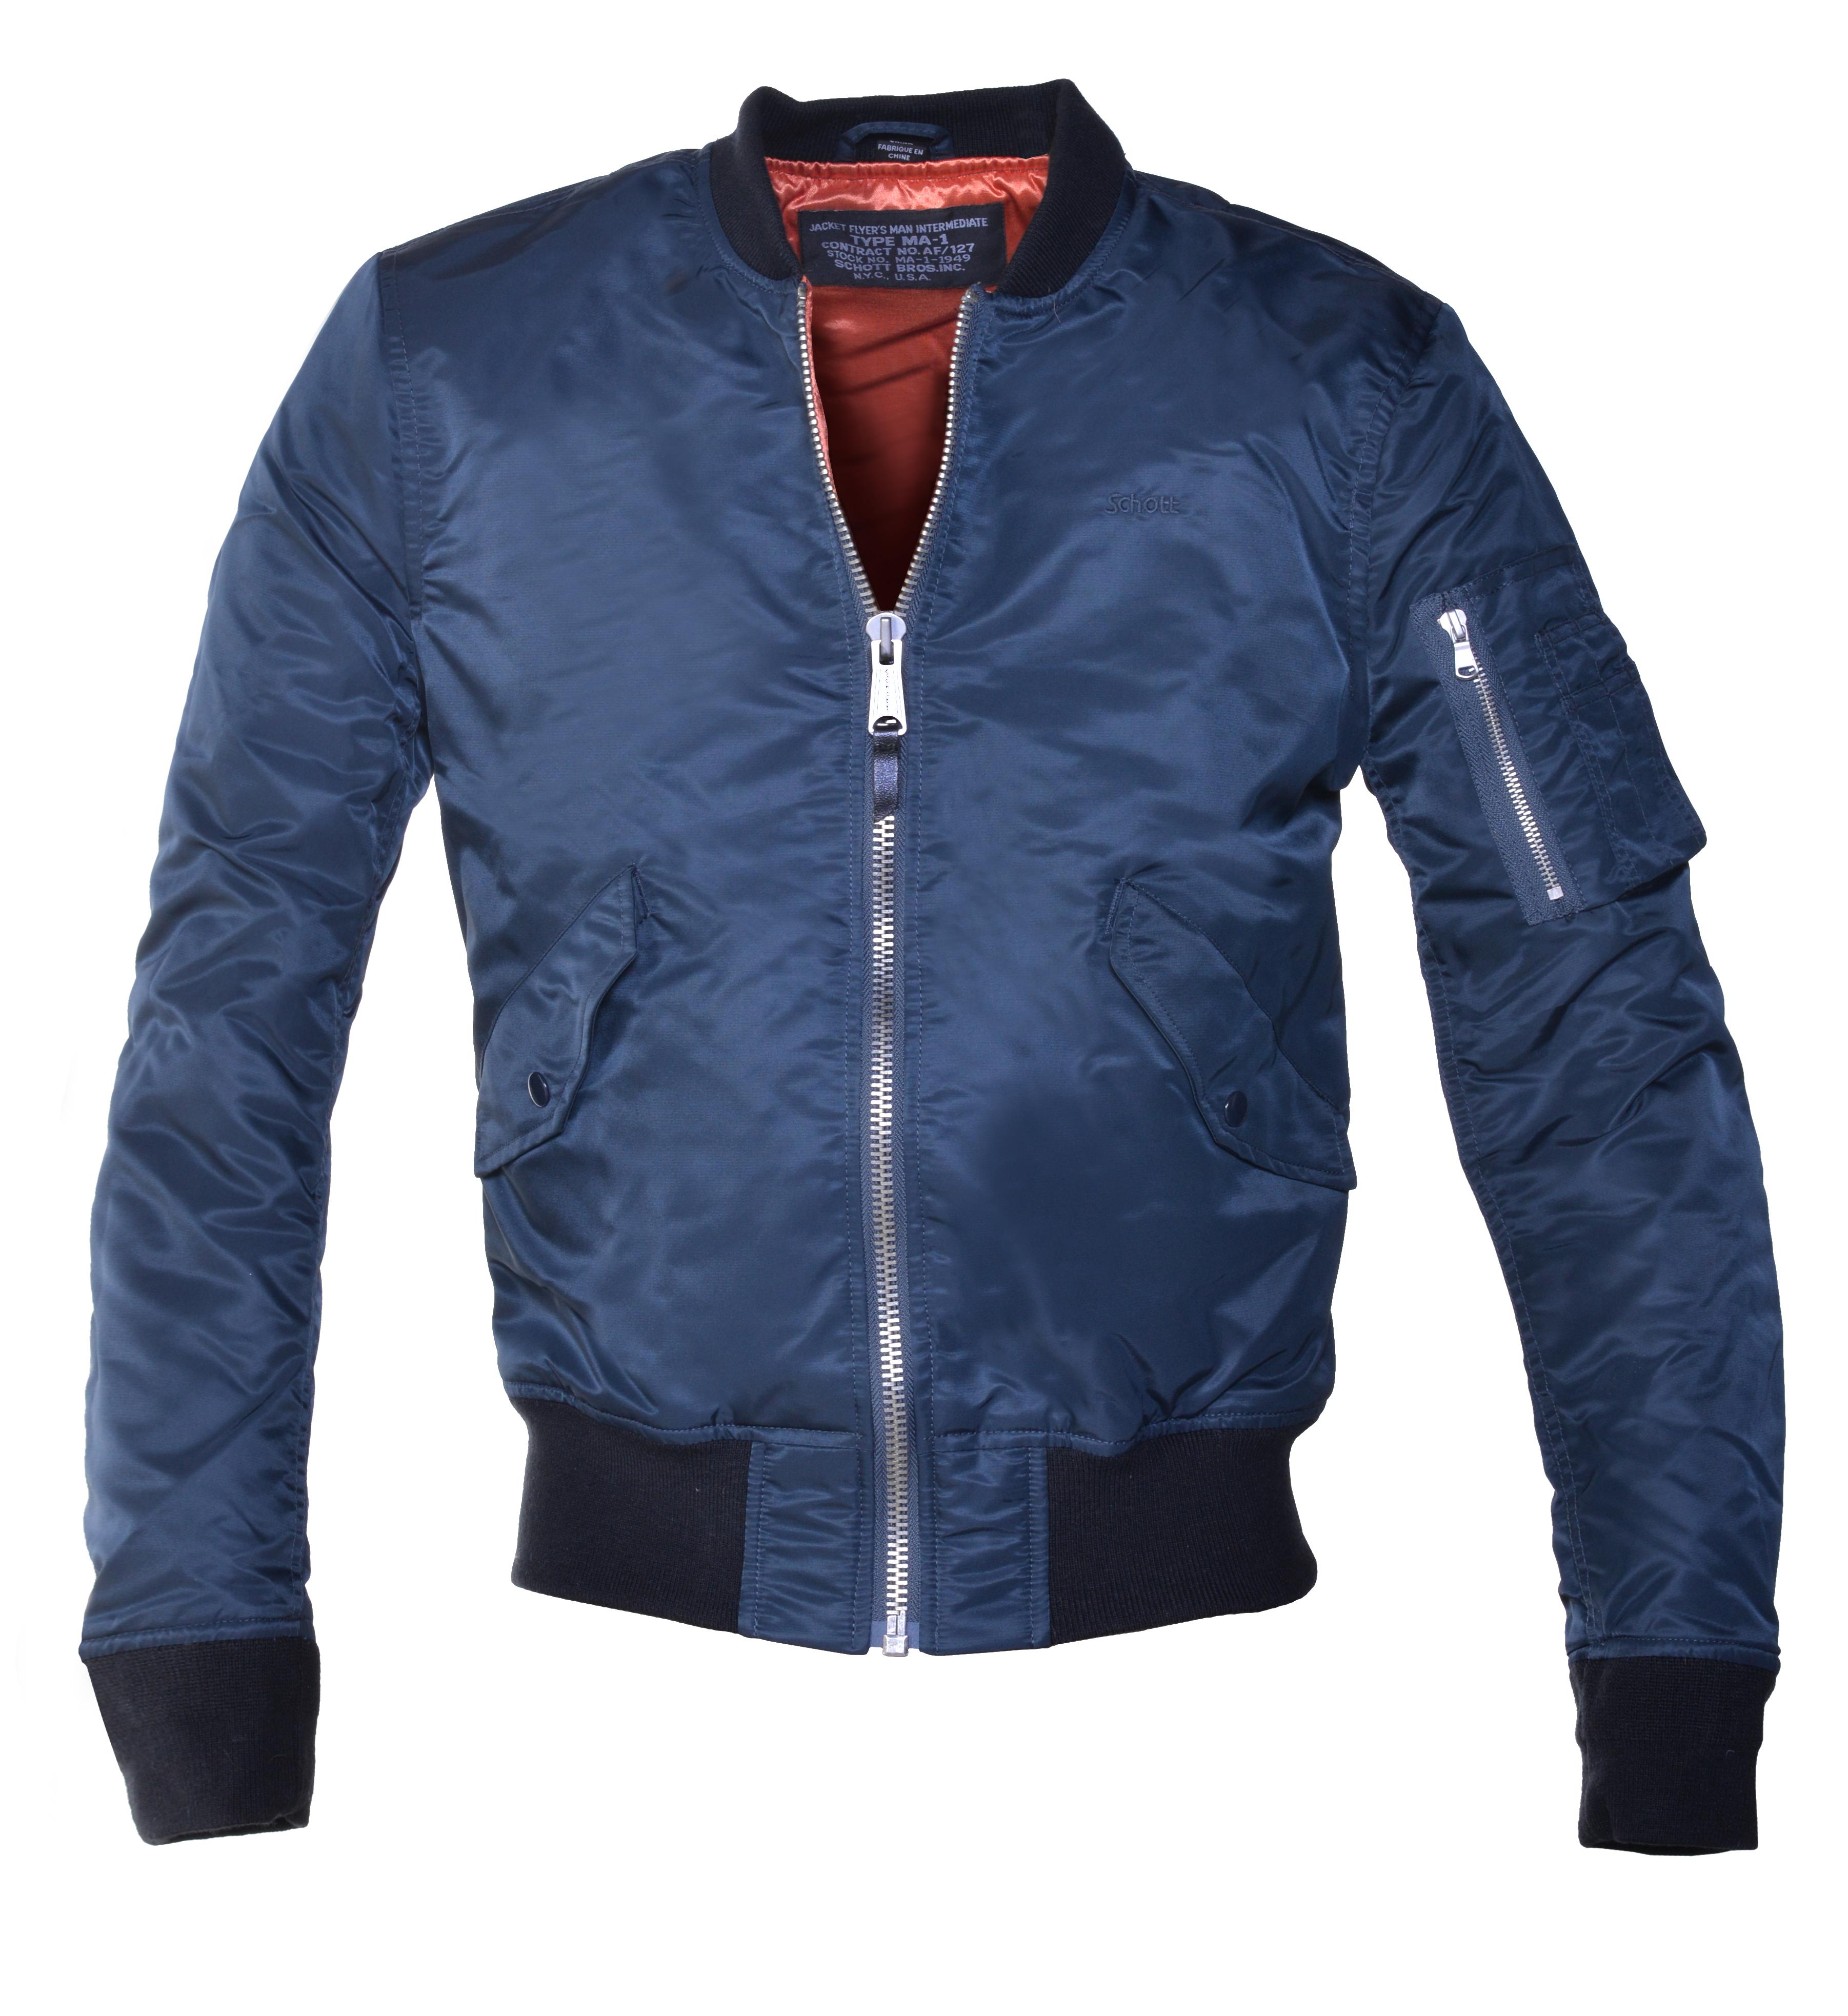 588c37405 Nylon MA-1 Flight Jacket